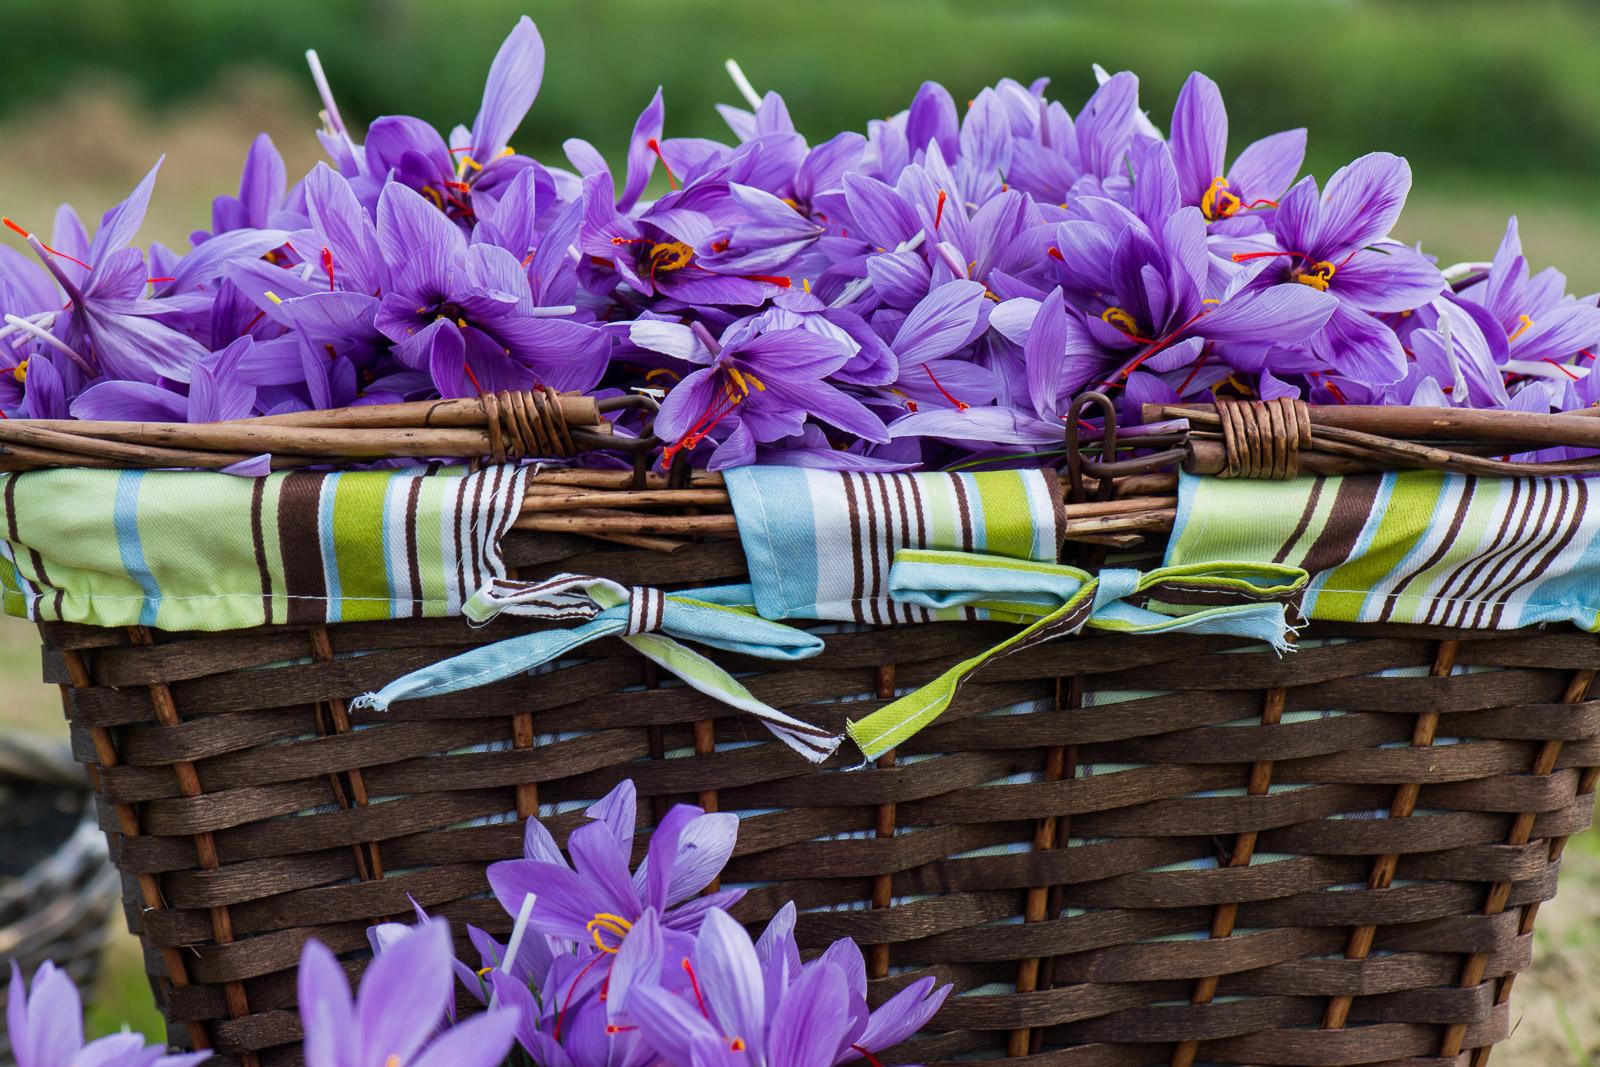 Promotion de 10 % sur les bulbes de crocus sativus et un stage de safranier.